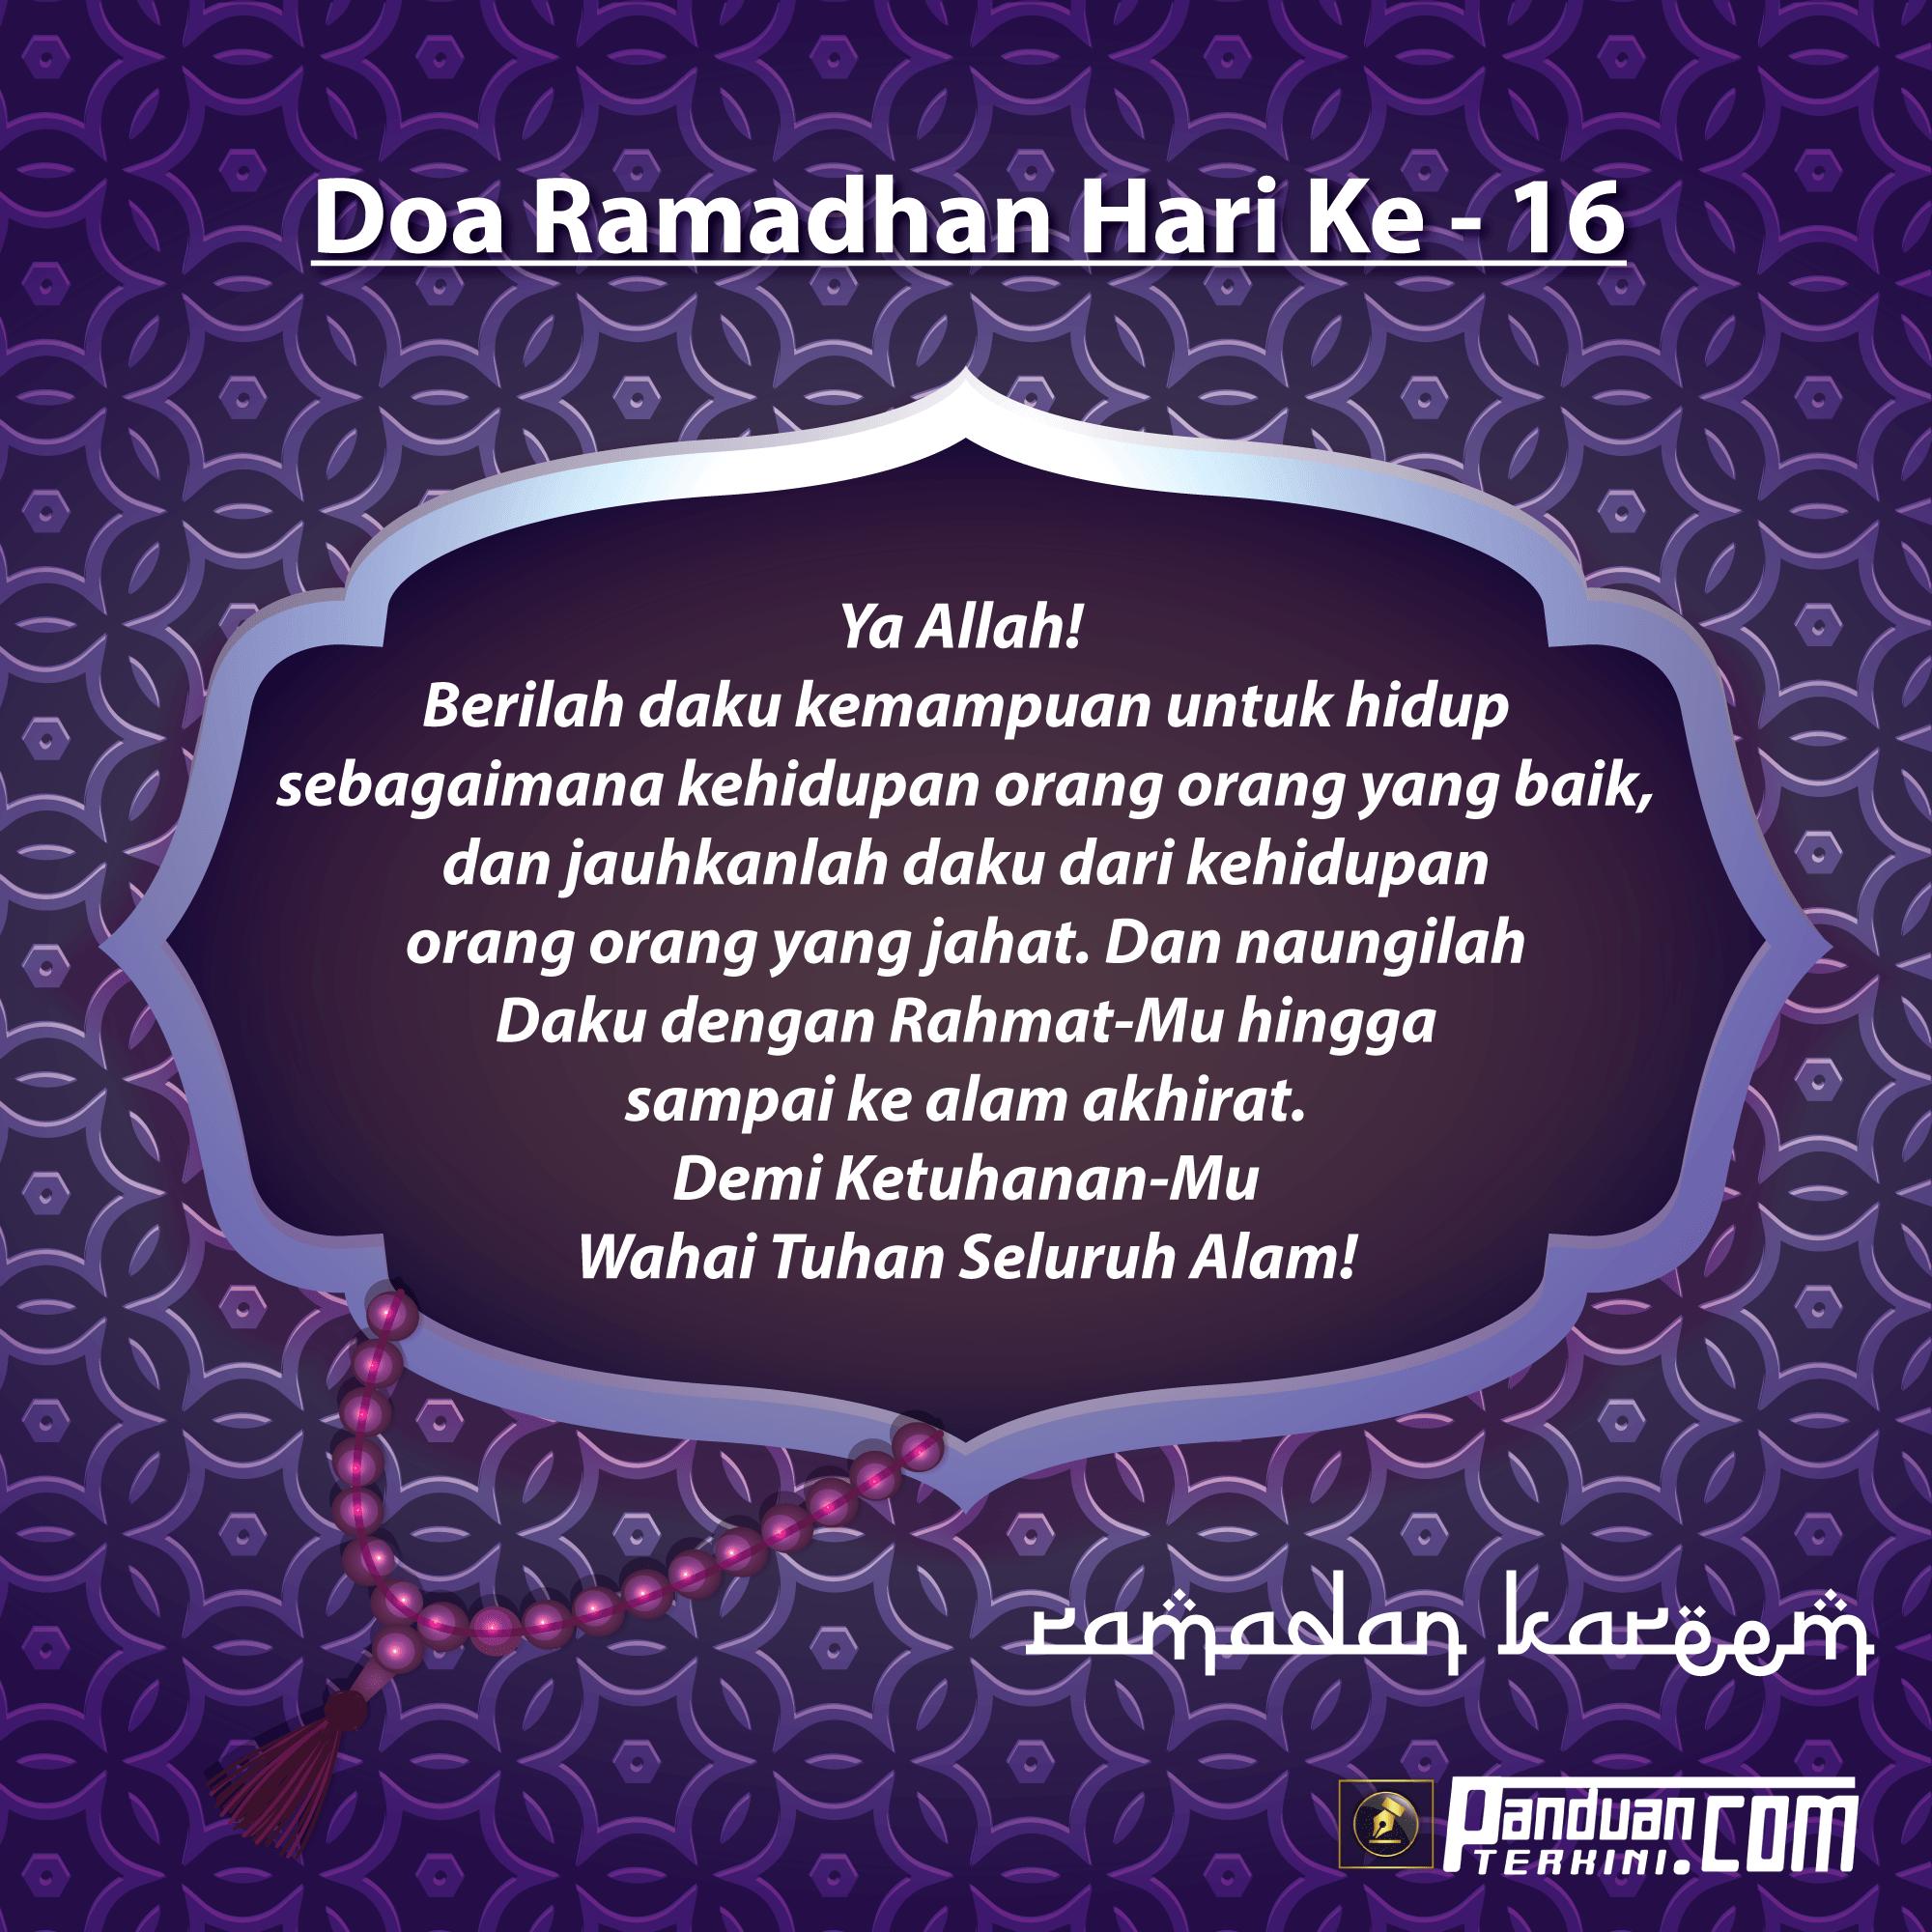 Doa Ramadhan Hari Ke-16